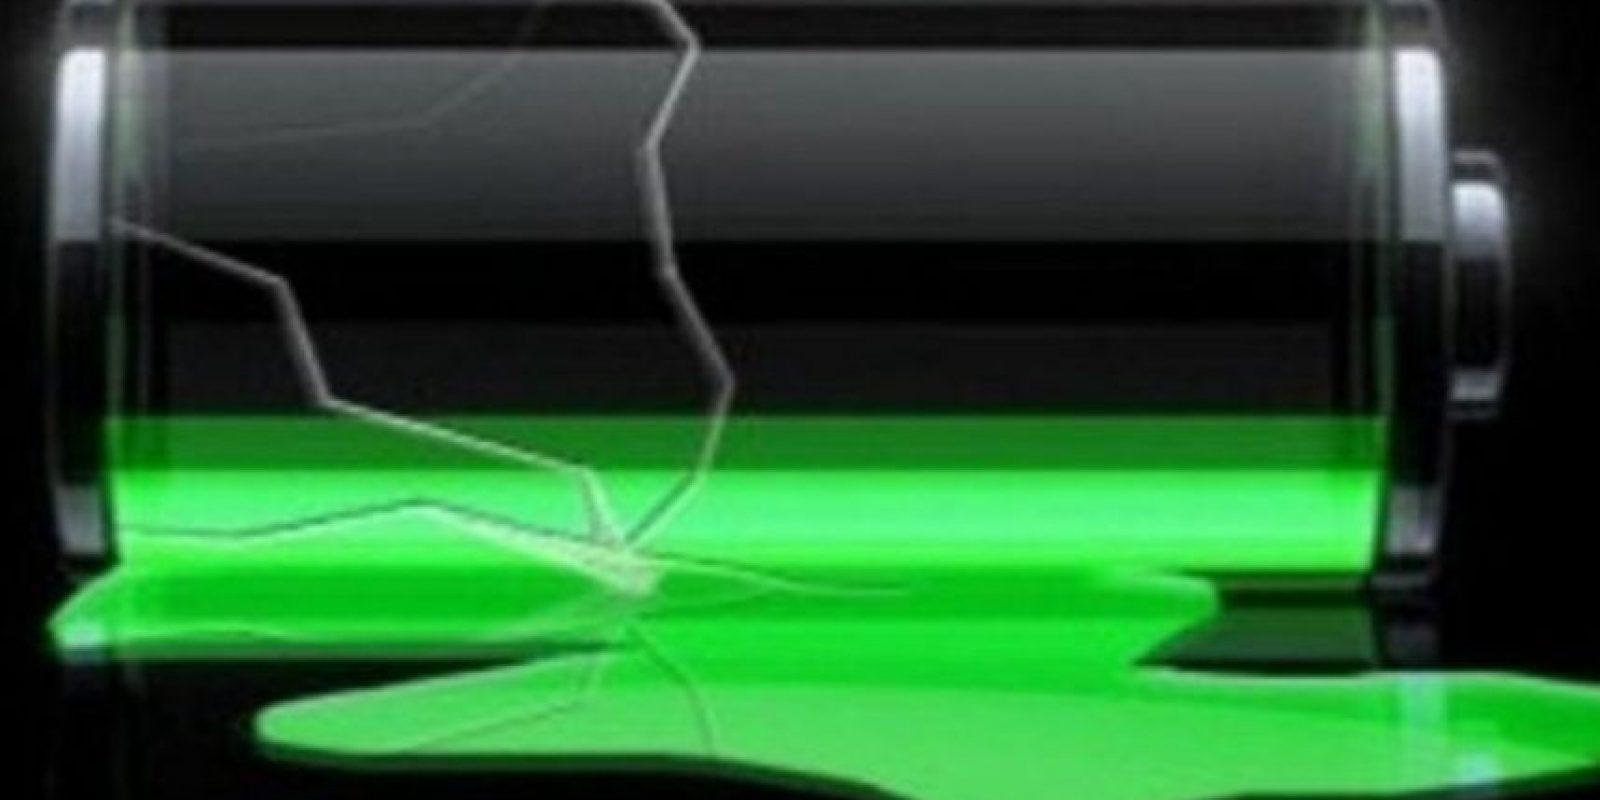 Algunos cargadores portátiles son baratos porque no funcionan con todos los dispositivos. Foto:Vía Pinterest.com